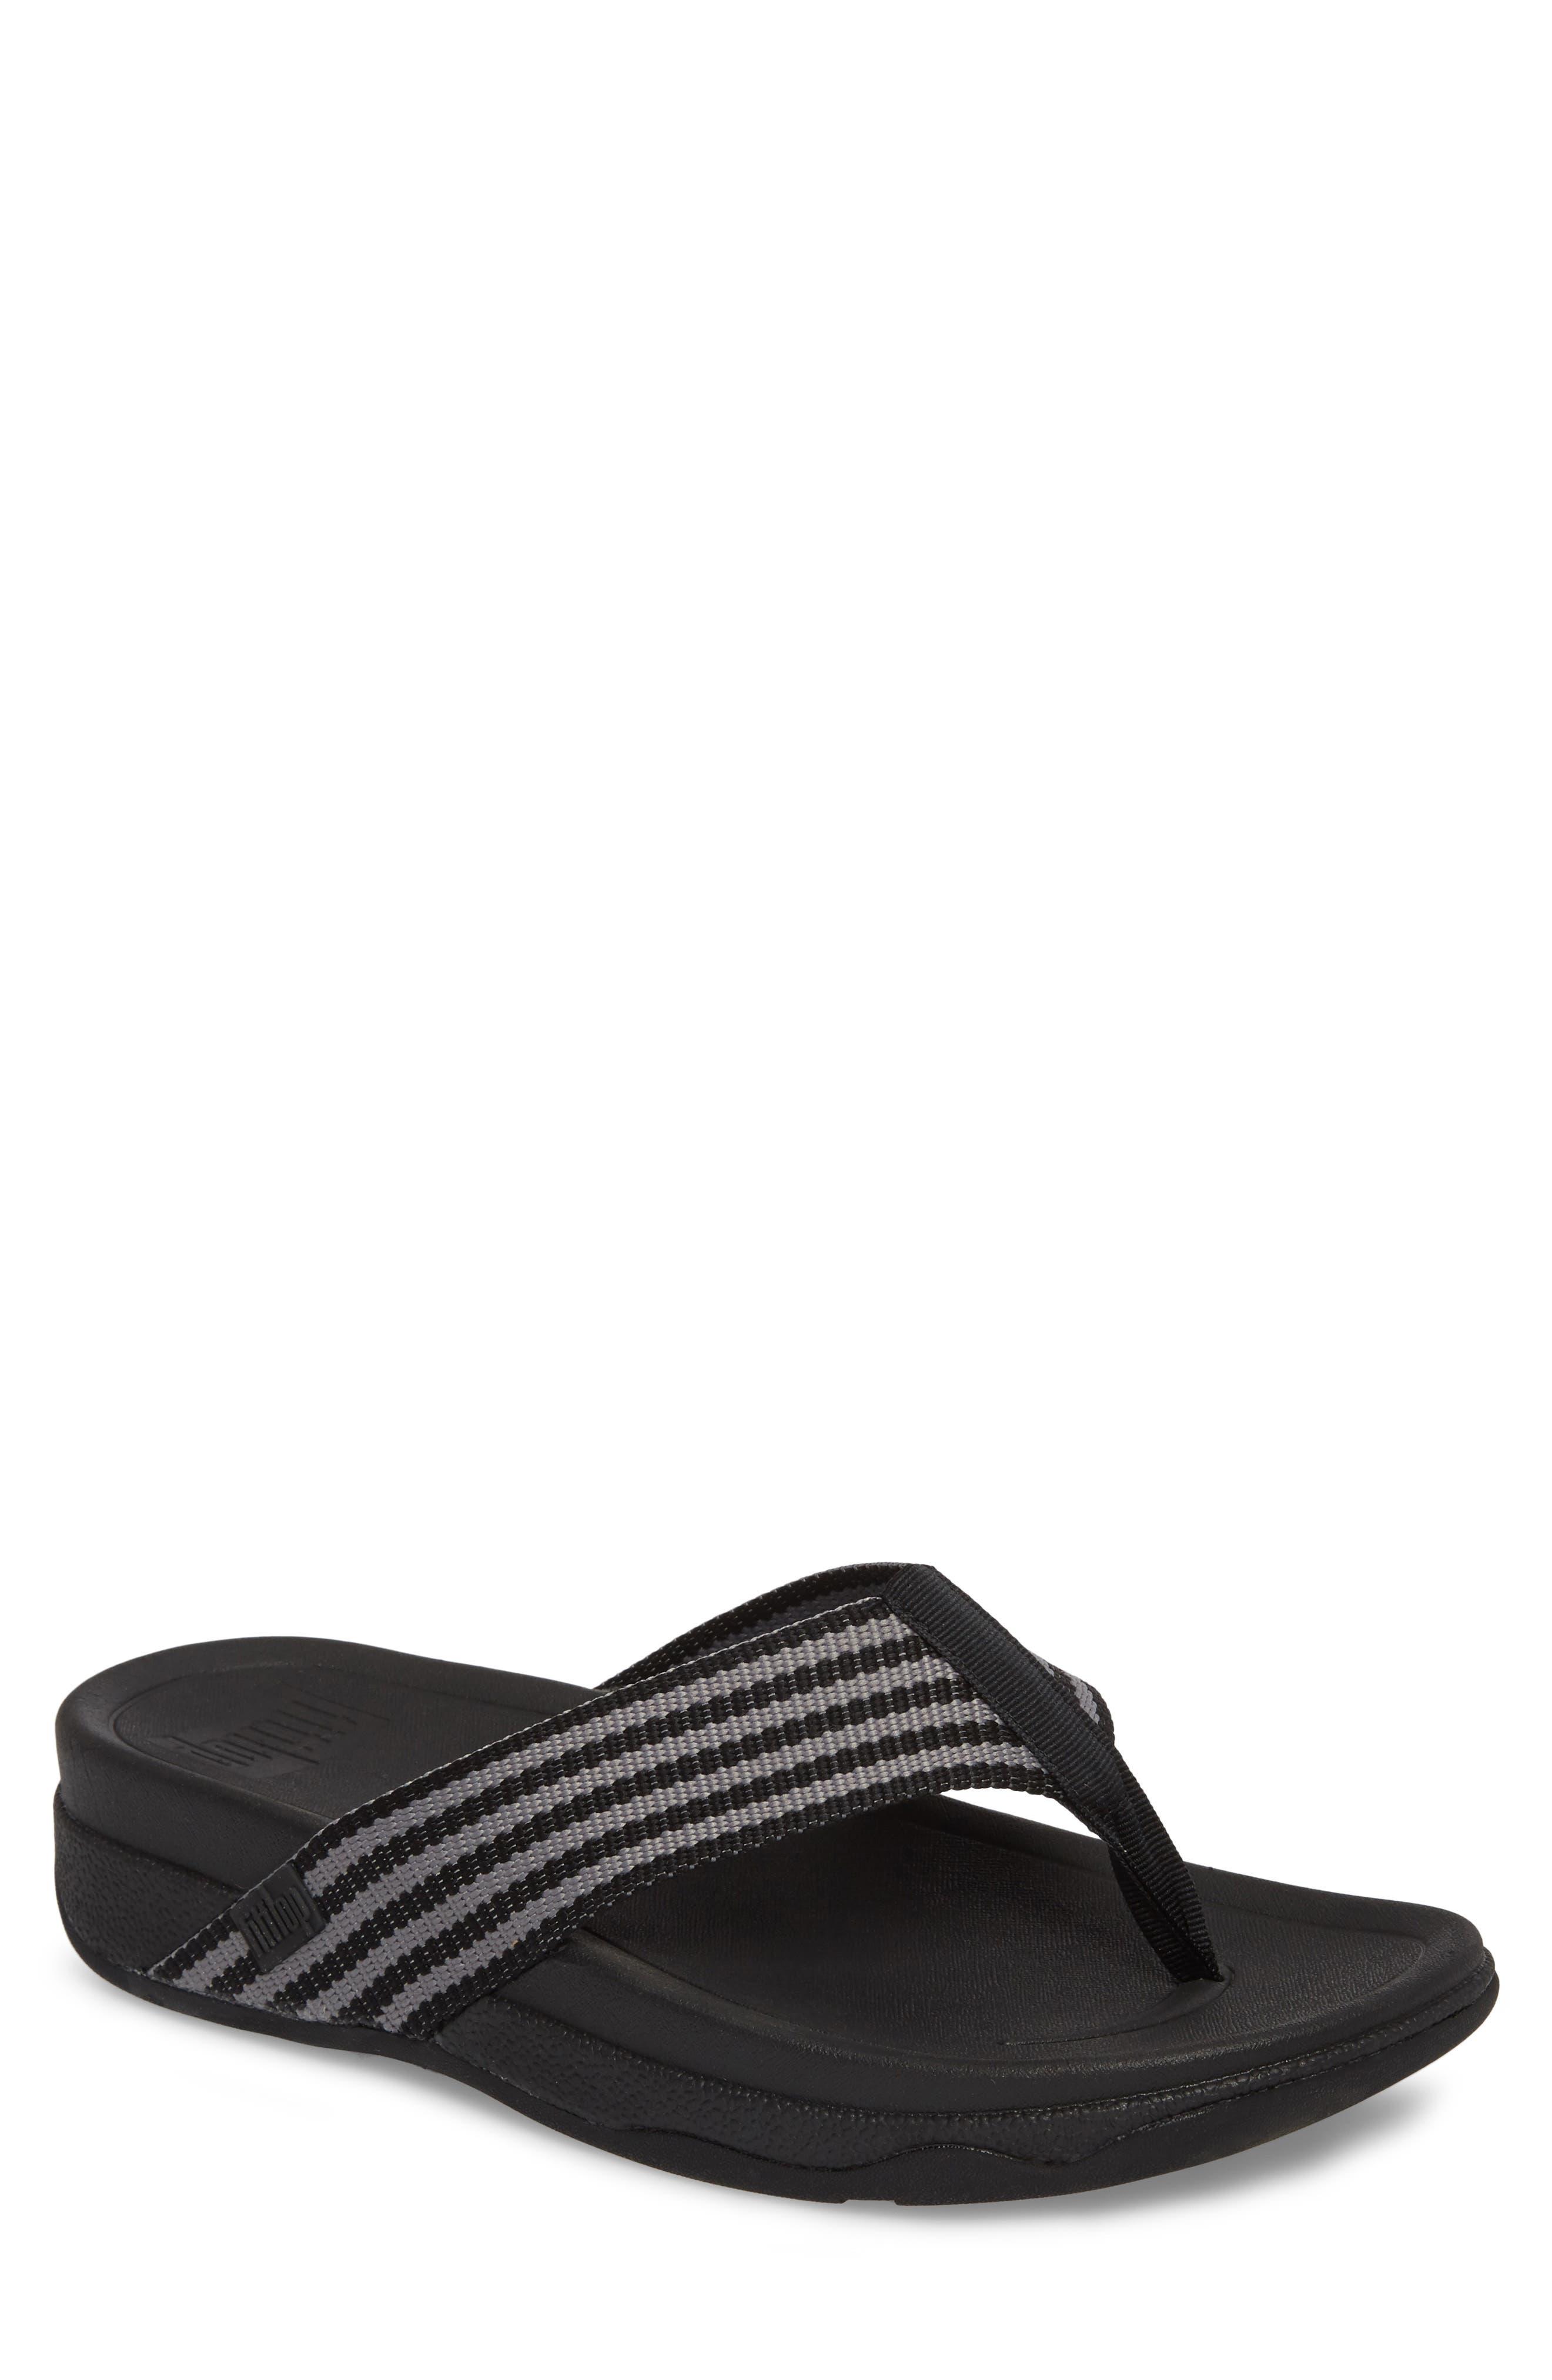 'Surfer' Flip Flop,                         Main,                         color, Black / Grey